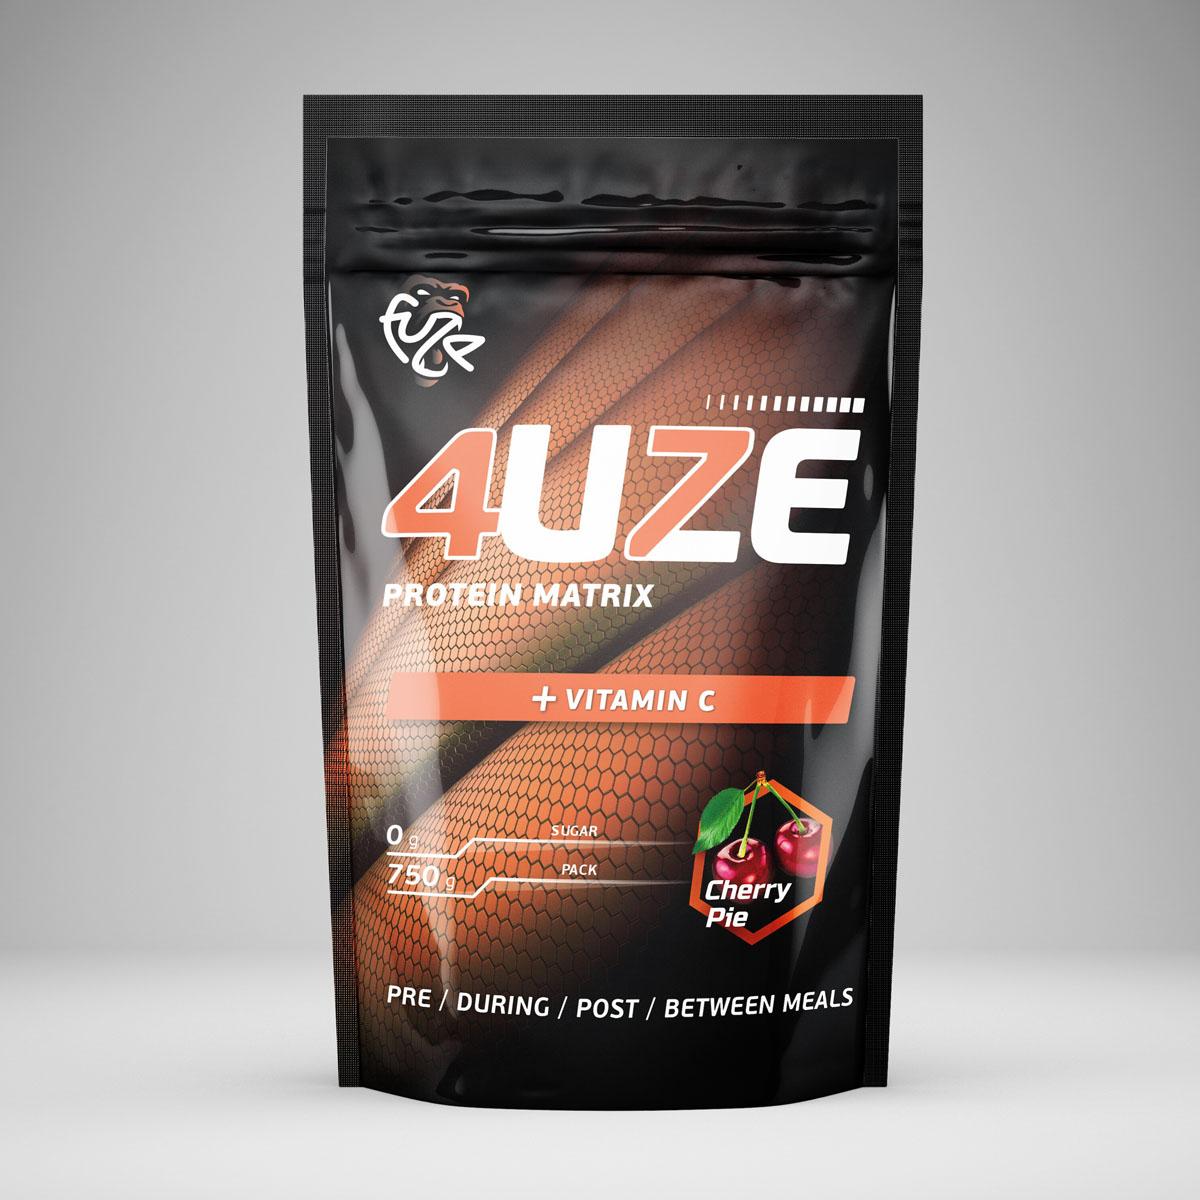 Протеин PureProtein Fuze, вишневый пирог , 750 г протеин fuze сreatine сливочная карамель 750 г